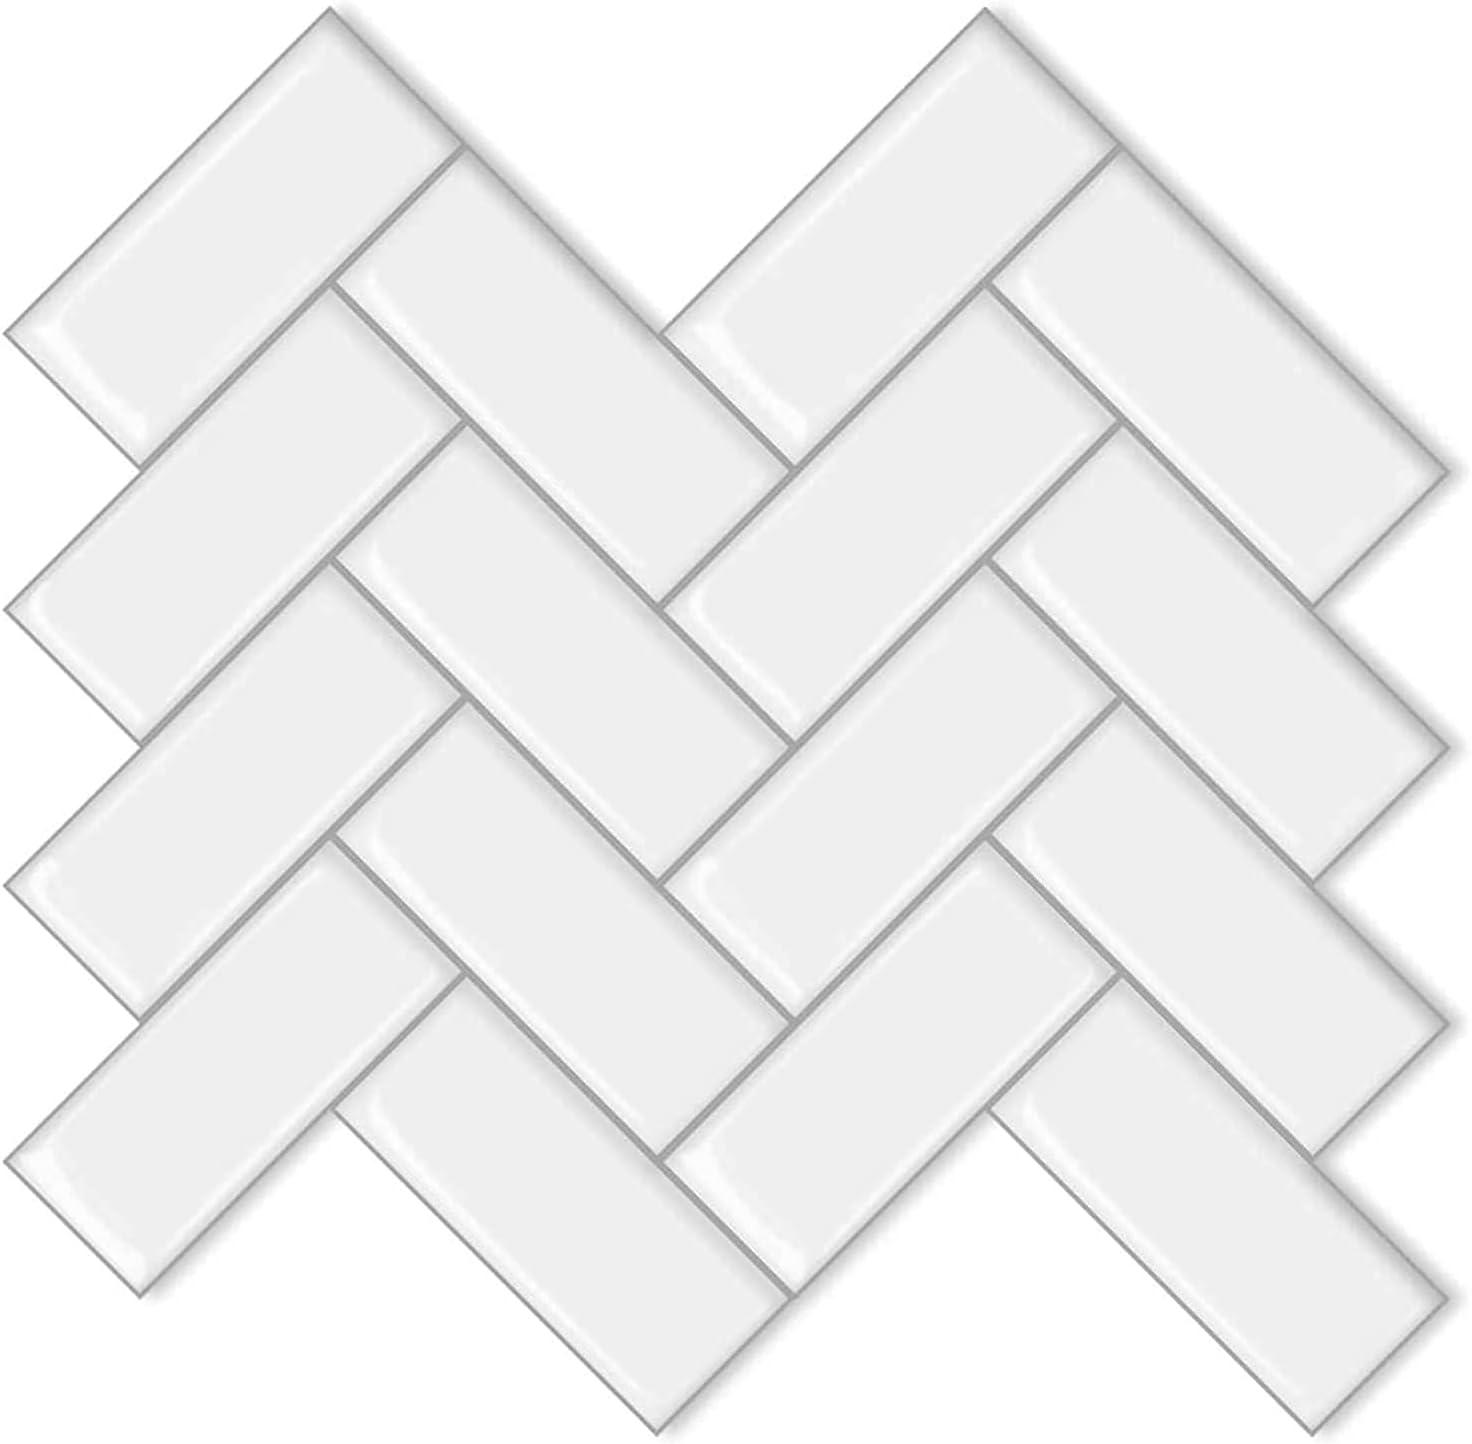 10-Sheet Peel and Stick Tile Bombing free shipping Backsplash Waterproof Spasm price - Fireproof